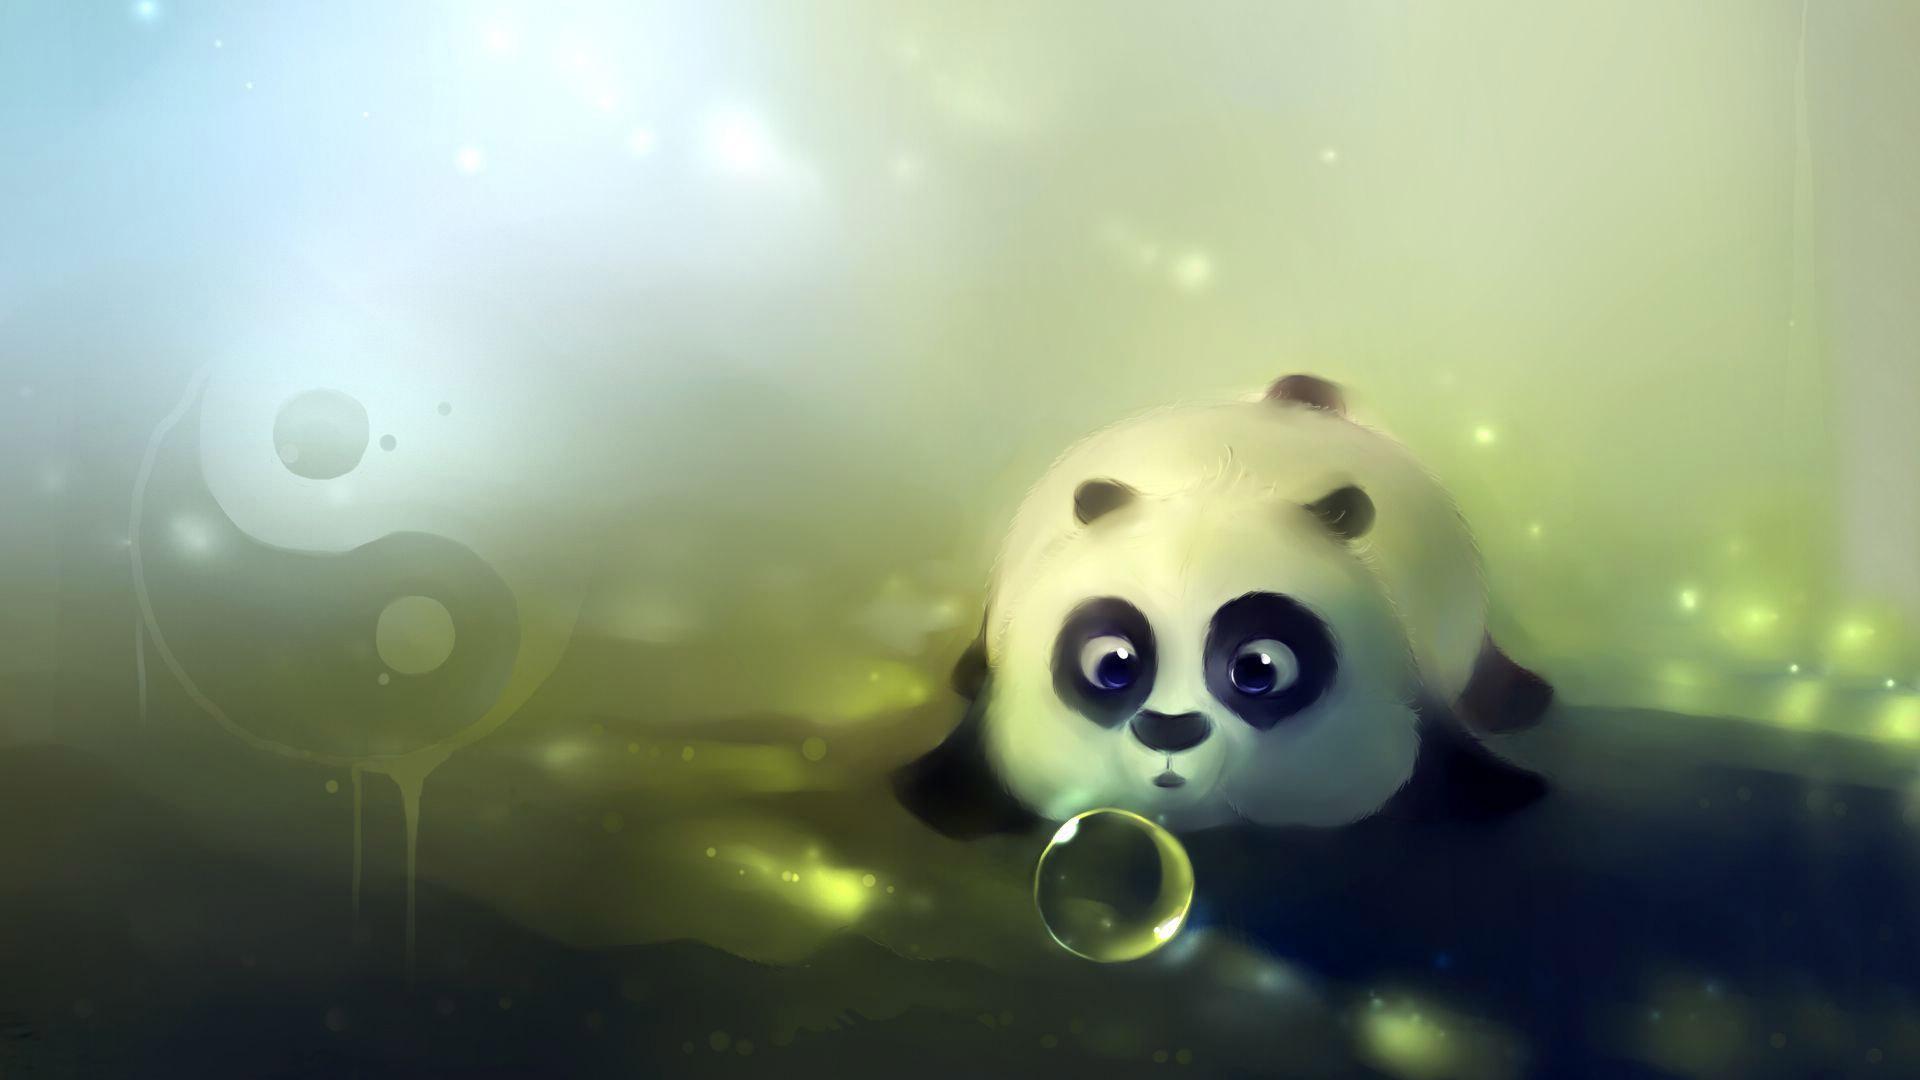 panda bear cartoon wallpaper